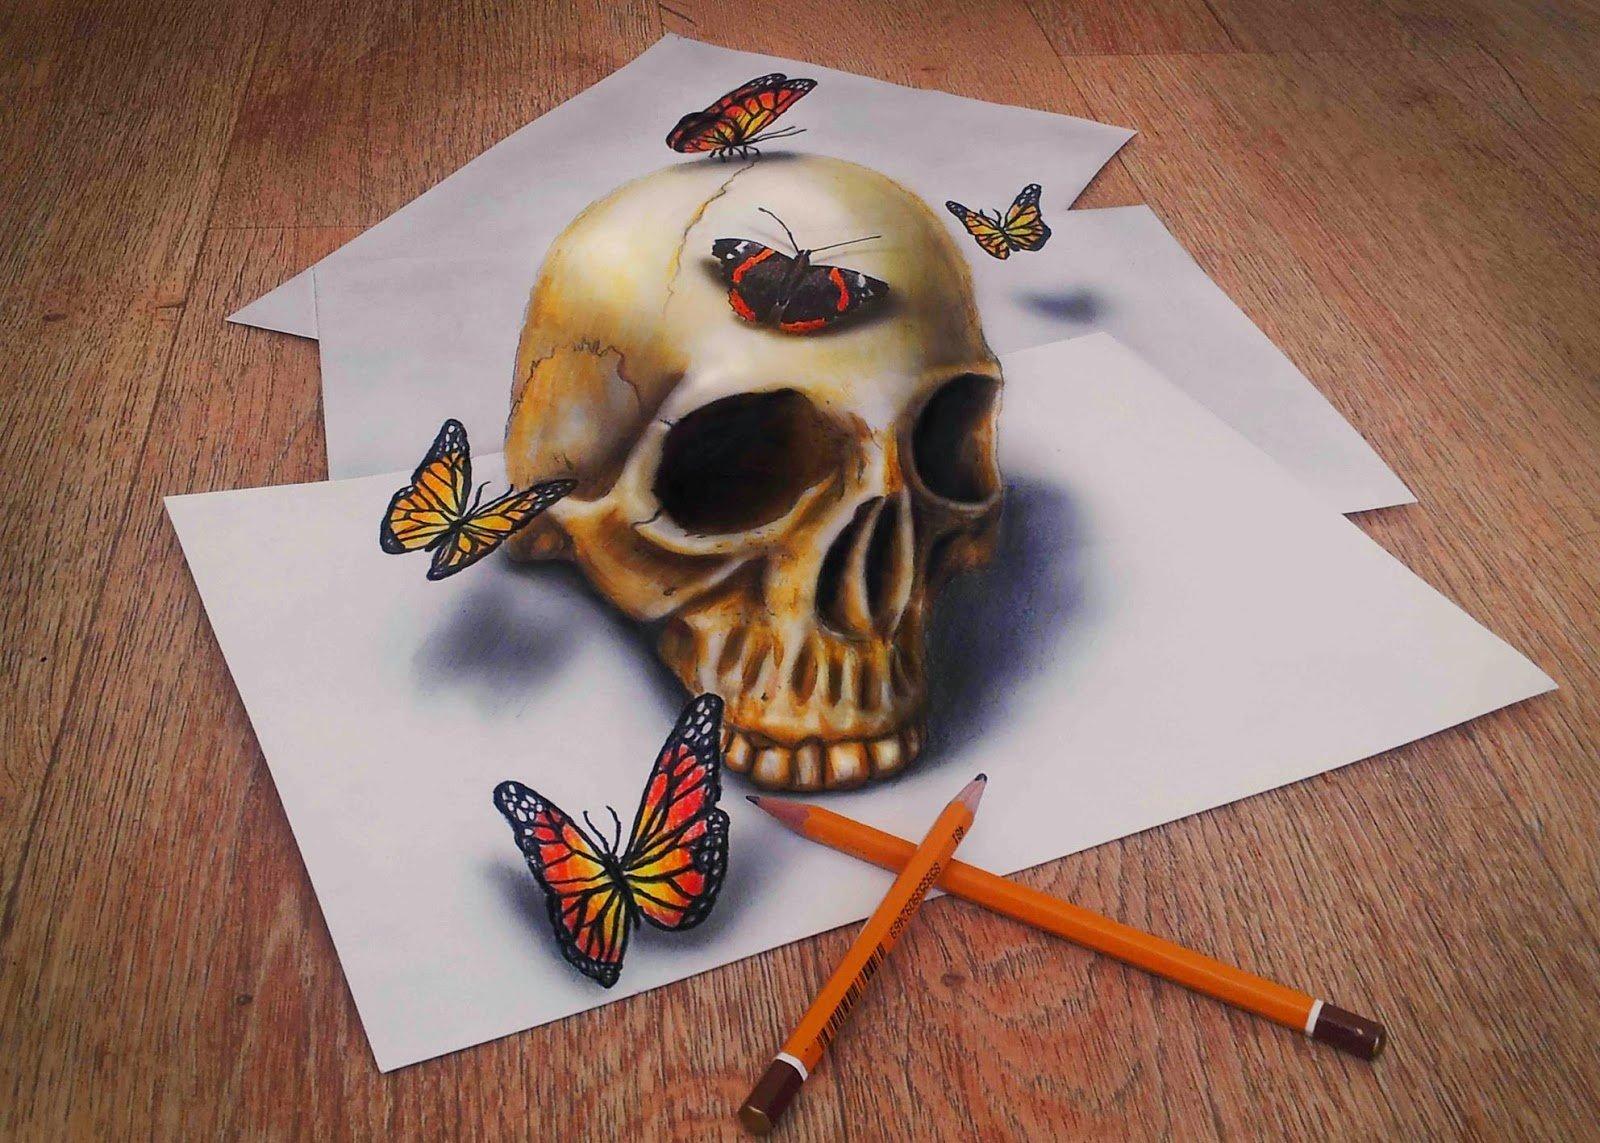 Impresionare dibujos con efecto 3d en simples hojas de papel 3d drawing website